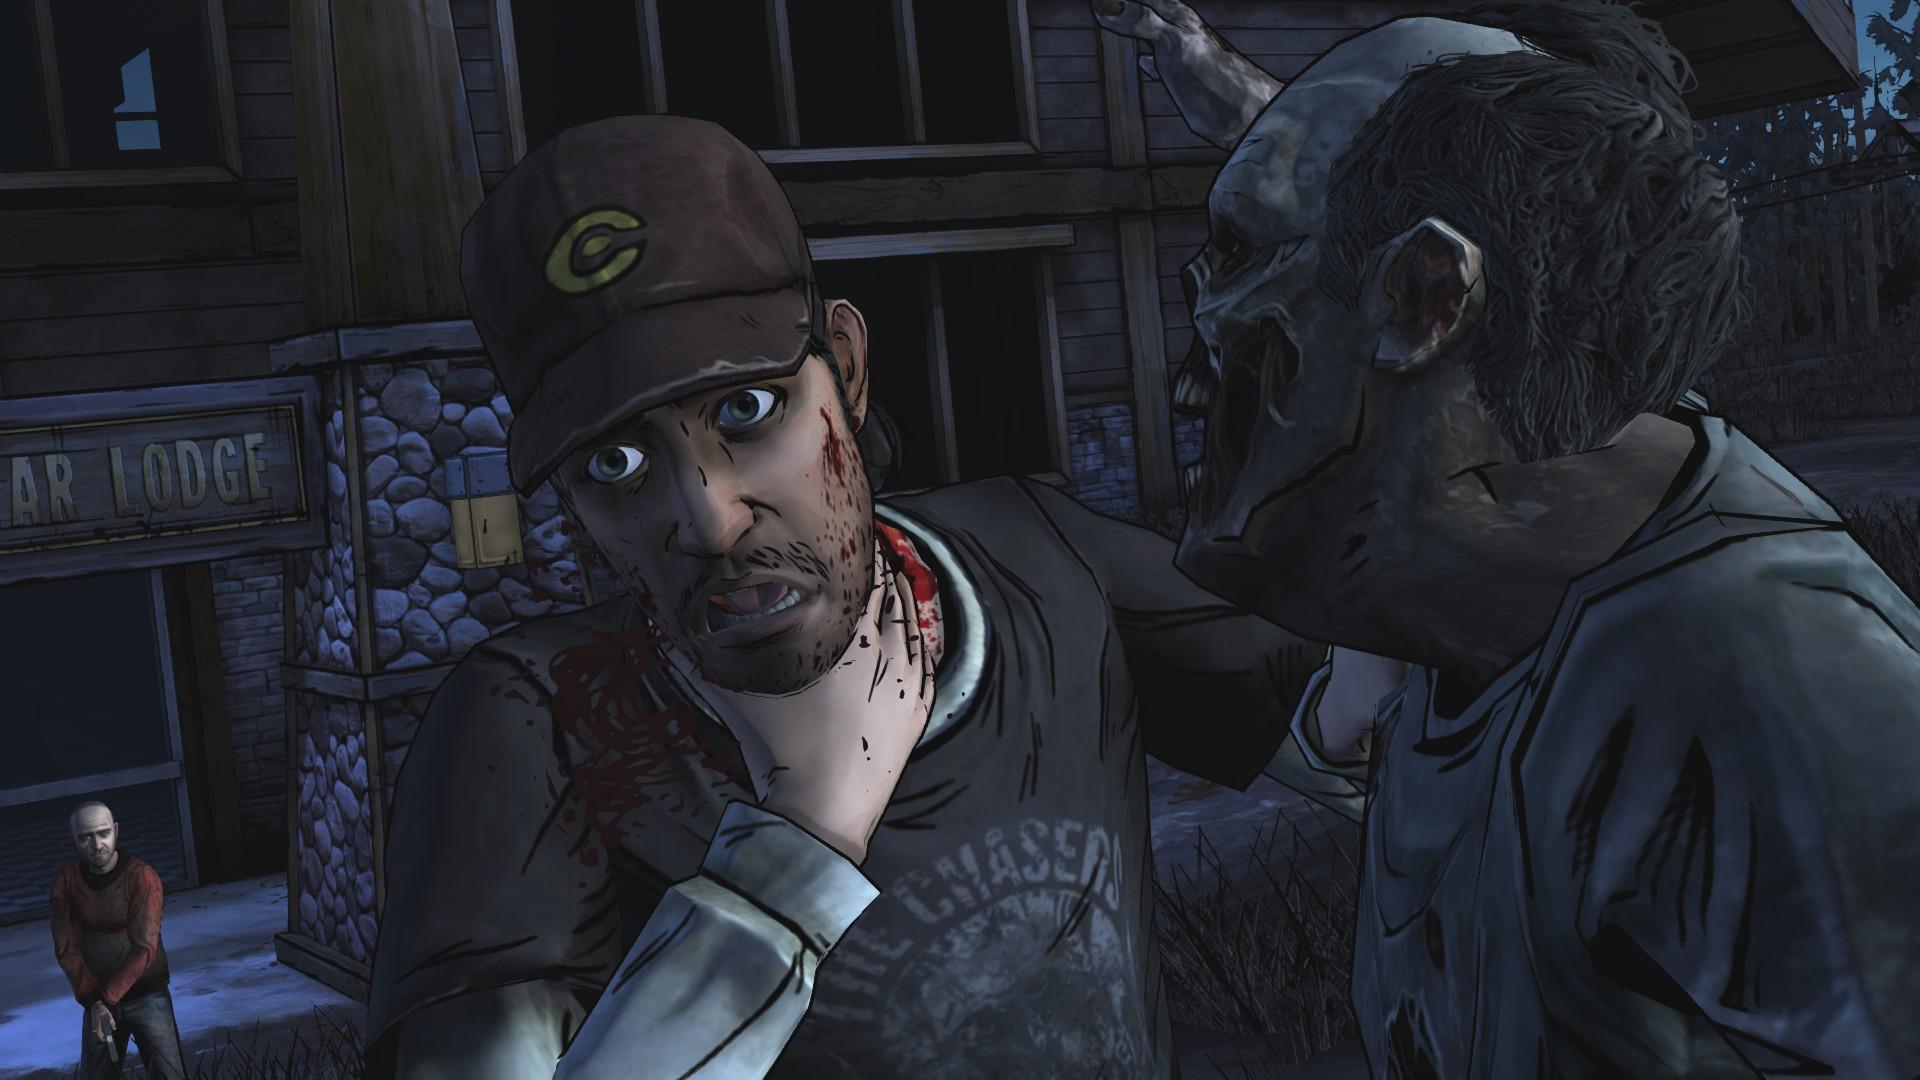 Nick (Video Game) | Walking Dead Wiki | FANDOM powered by Wikia